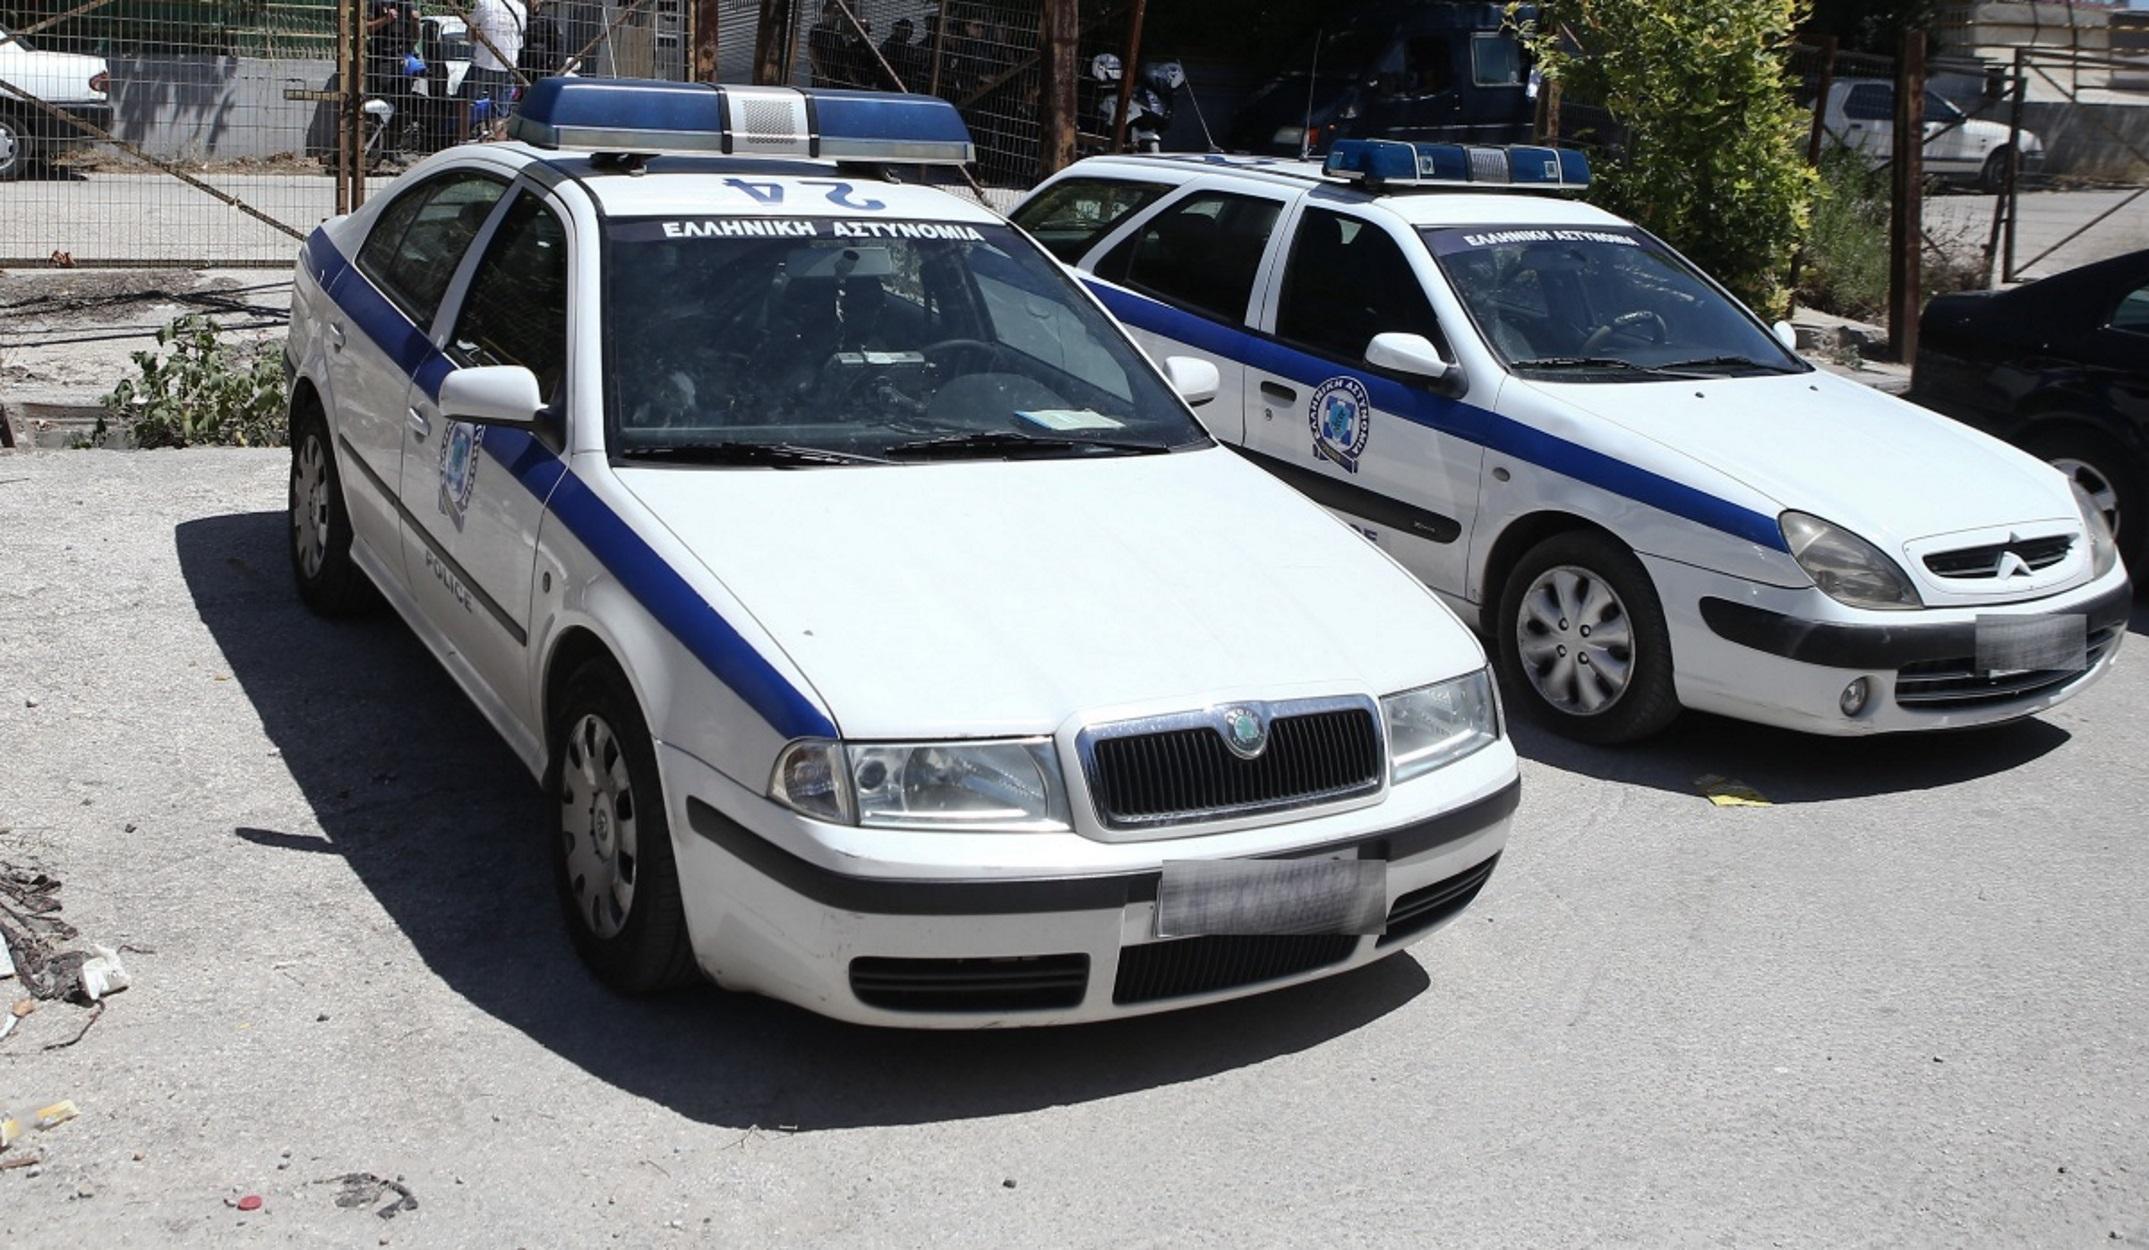 Άρτα: Θαμώνες καφενείου έδειραν και έστειλαν στο νοσοκομείο τρεις αστυνομικούς